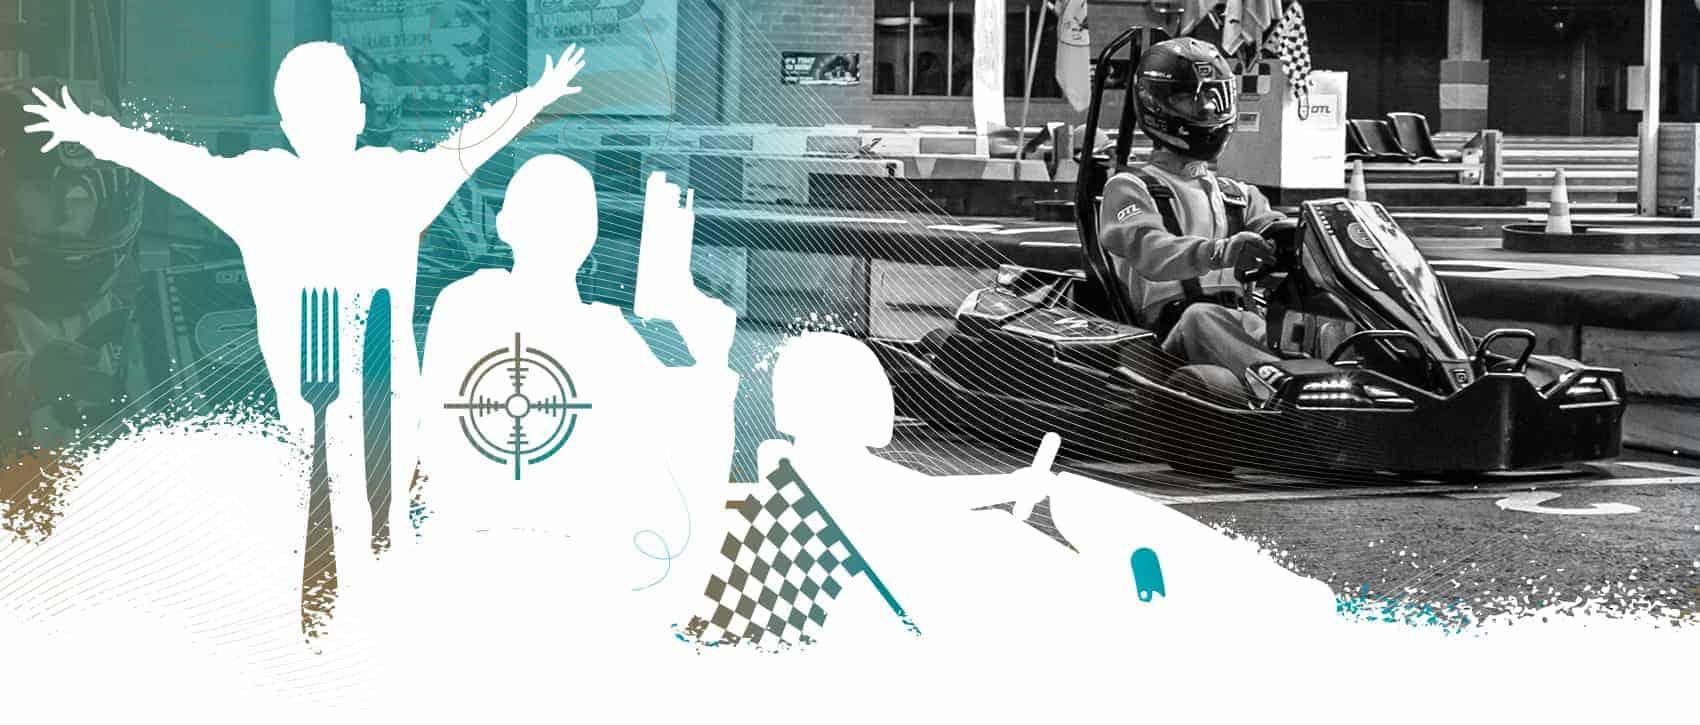 Header E Karting Mobiel Skagaventure